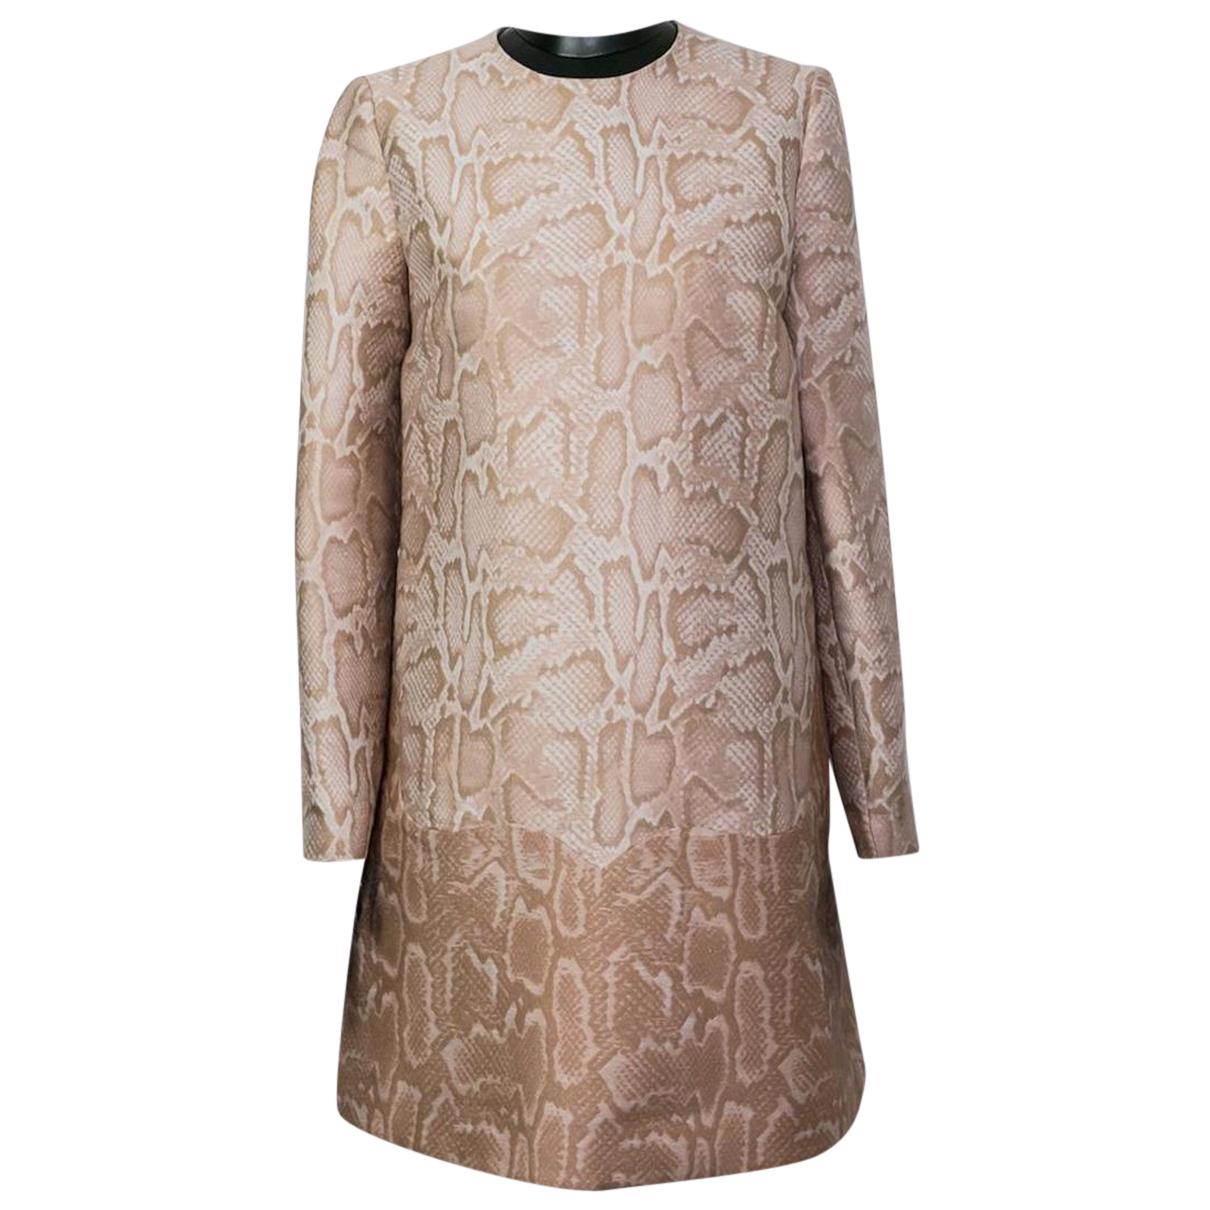 Stella Mccartney N Beige Silk dress for Women 36 FR